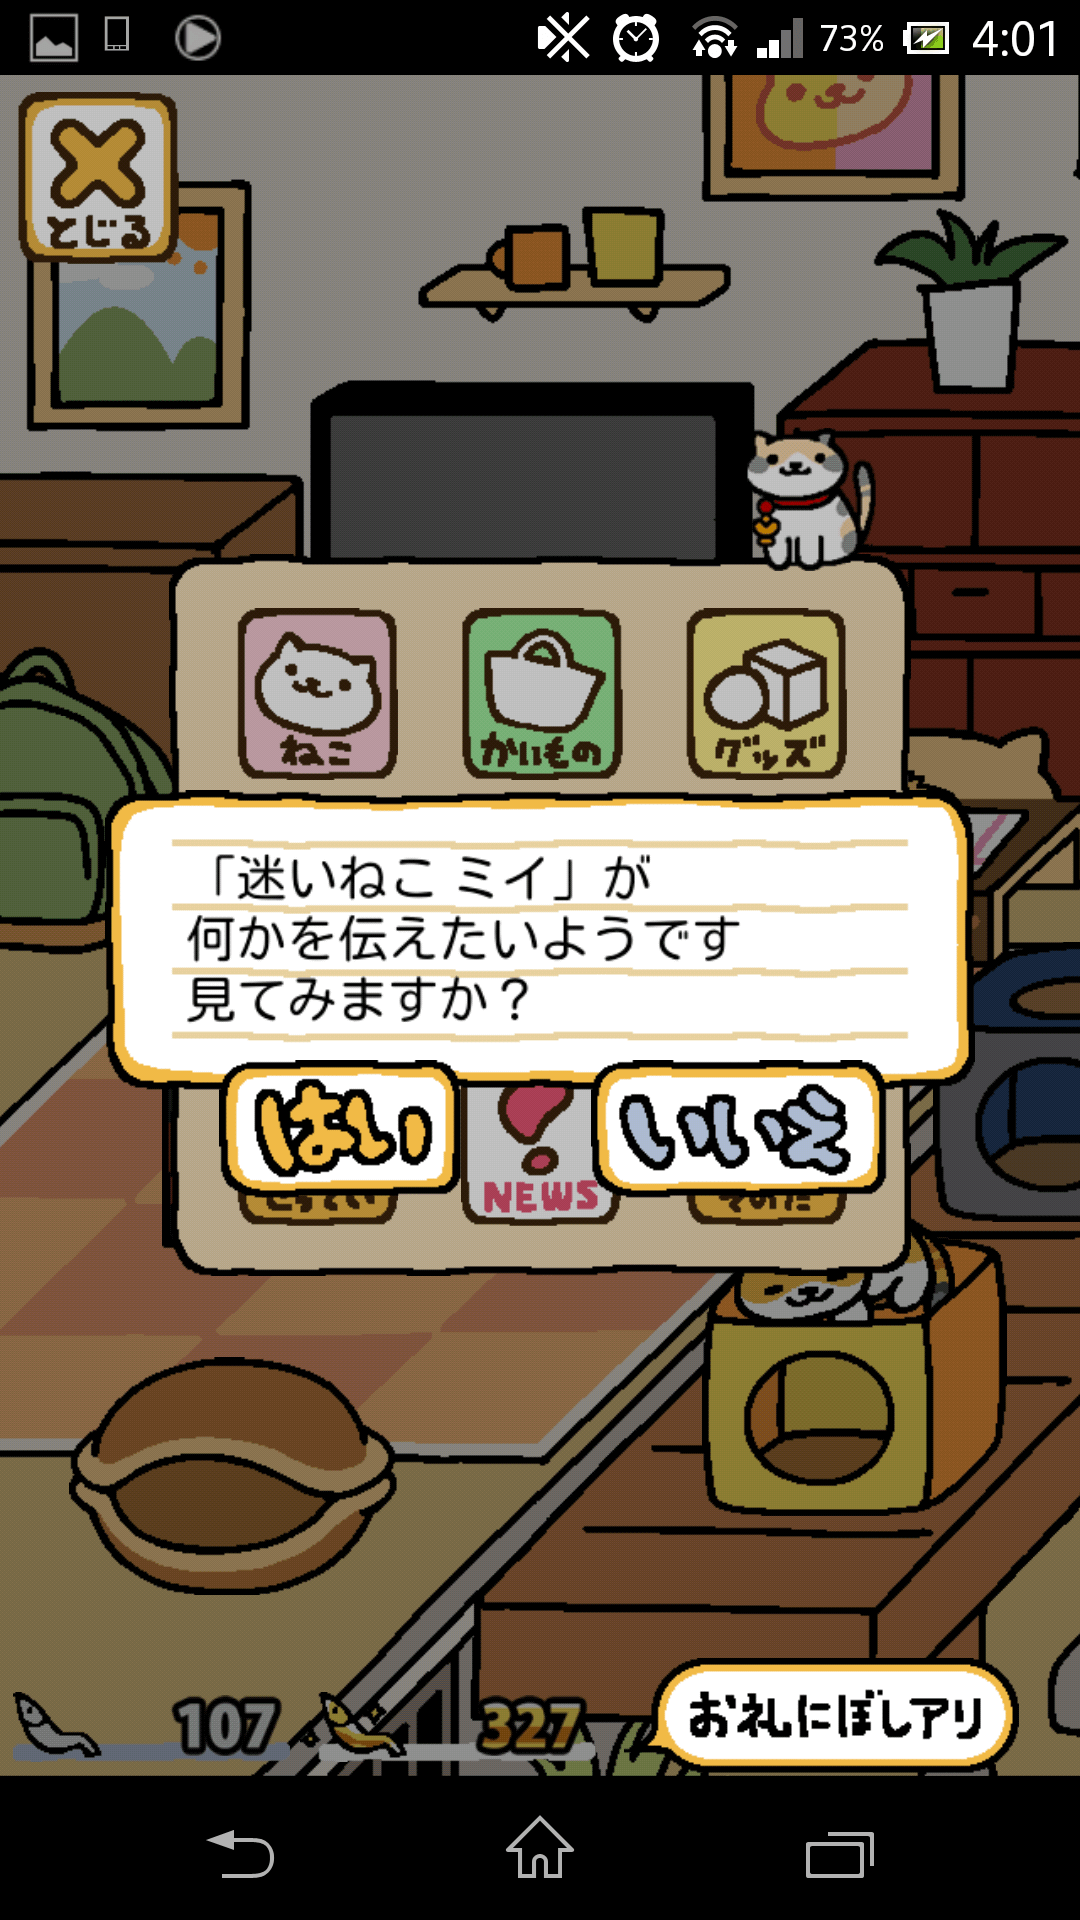 迷い猫ミイさん②.png